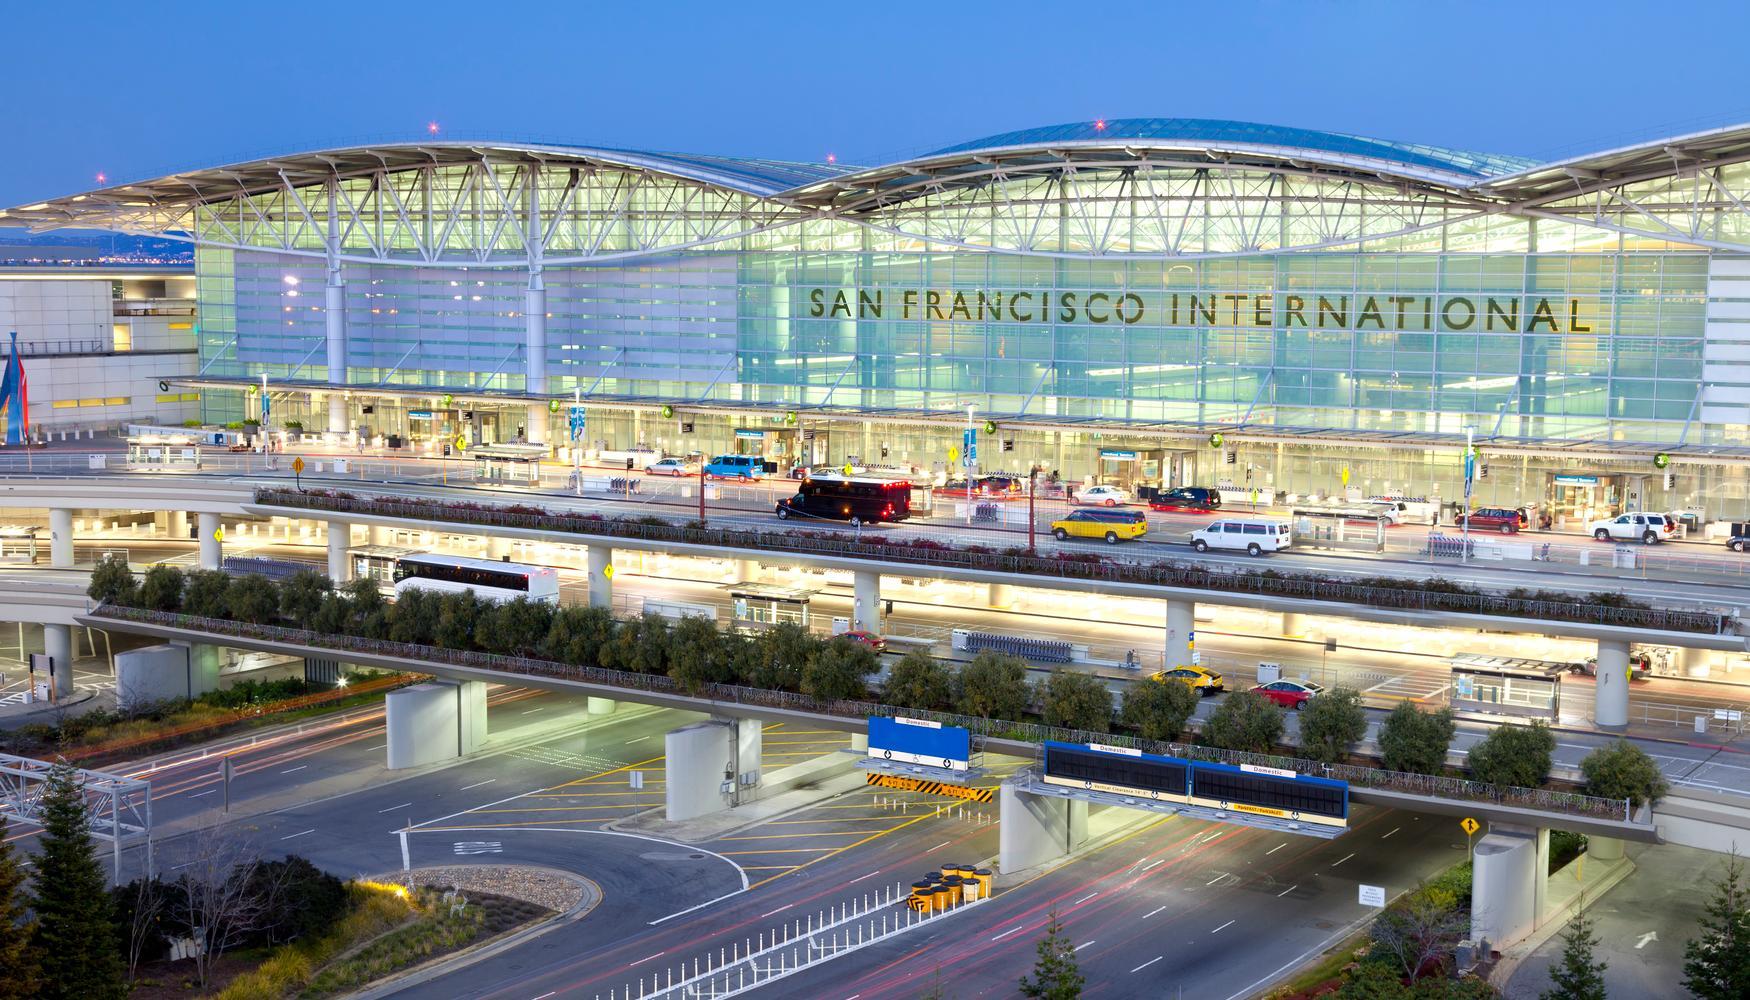 旧金山国际机场的租车